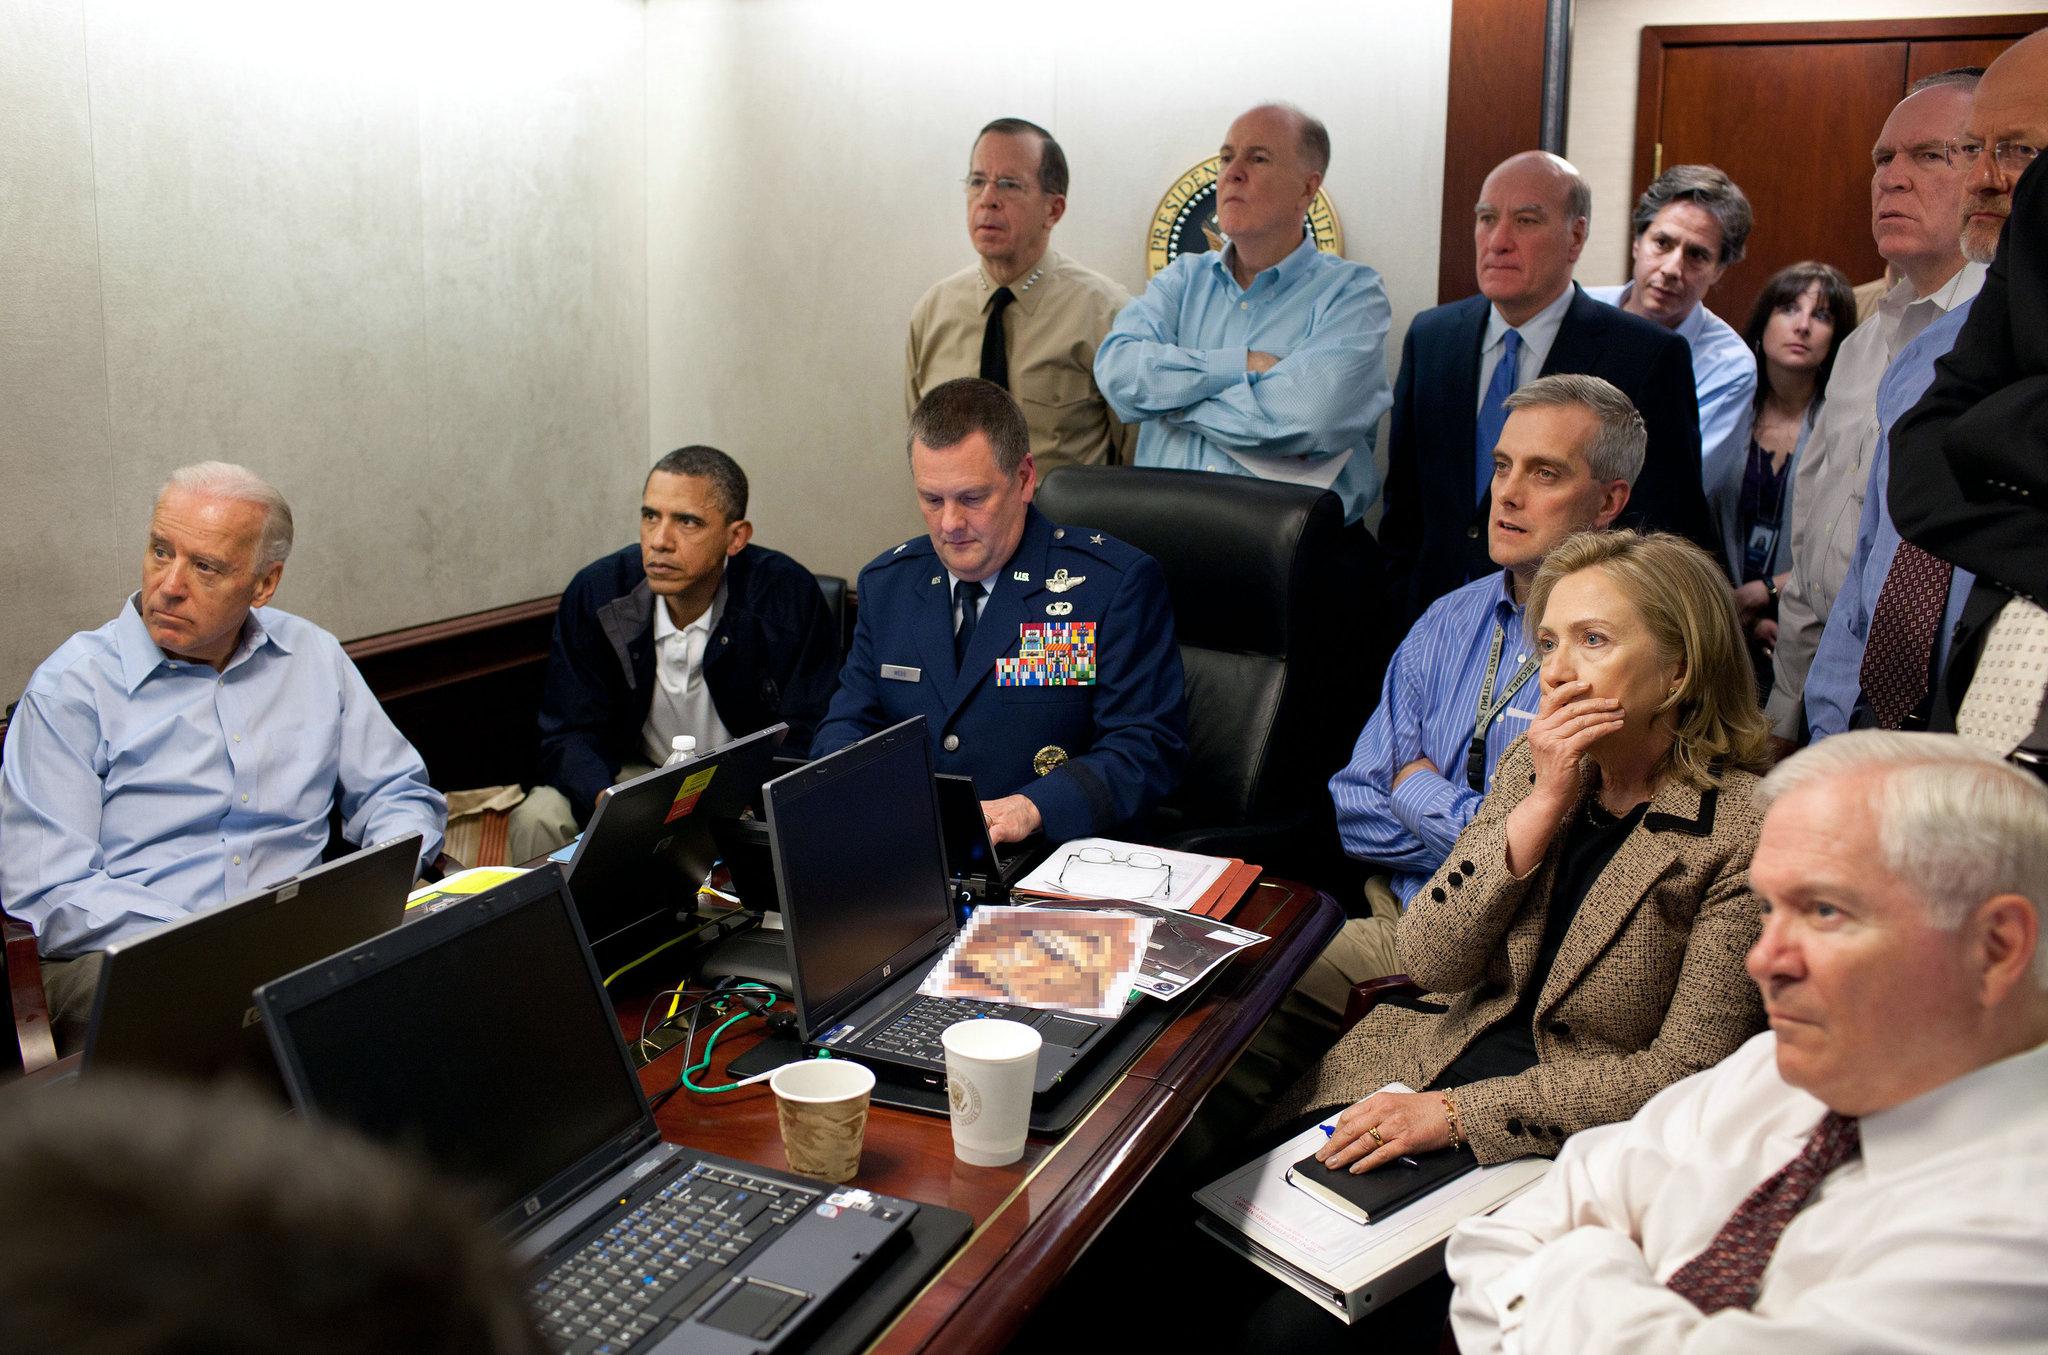 El entonces presidente Barack Obama junto a su vice Joe Biden y Hillary Clinton, entonces secretaria del Departamento de Estado, siguiendo en la sala de situación de la Casa Blanca la misión en la que dieron muerte a Osama Bin Laden en la noche del 2 de mayo de 2011 (Foto: AP)